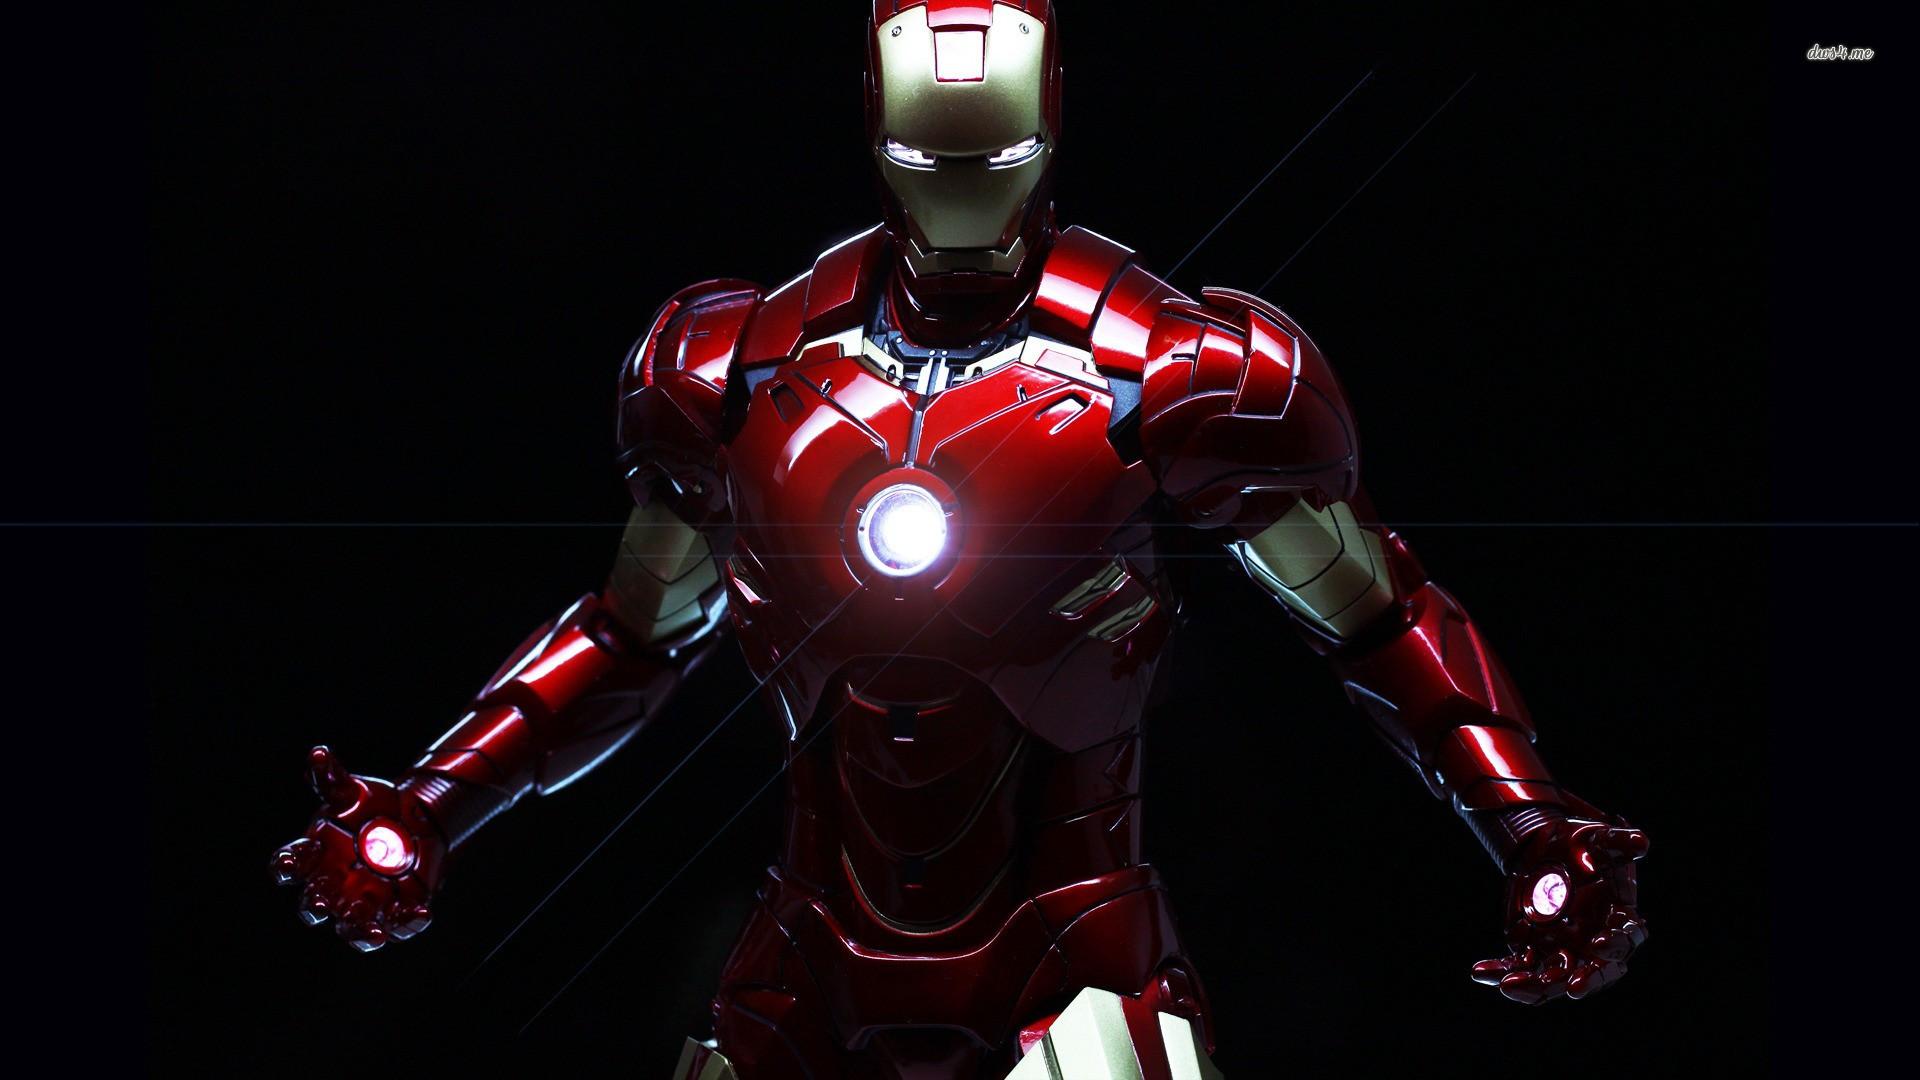 iron-man-3-3d-wallpaper-8